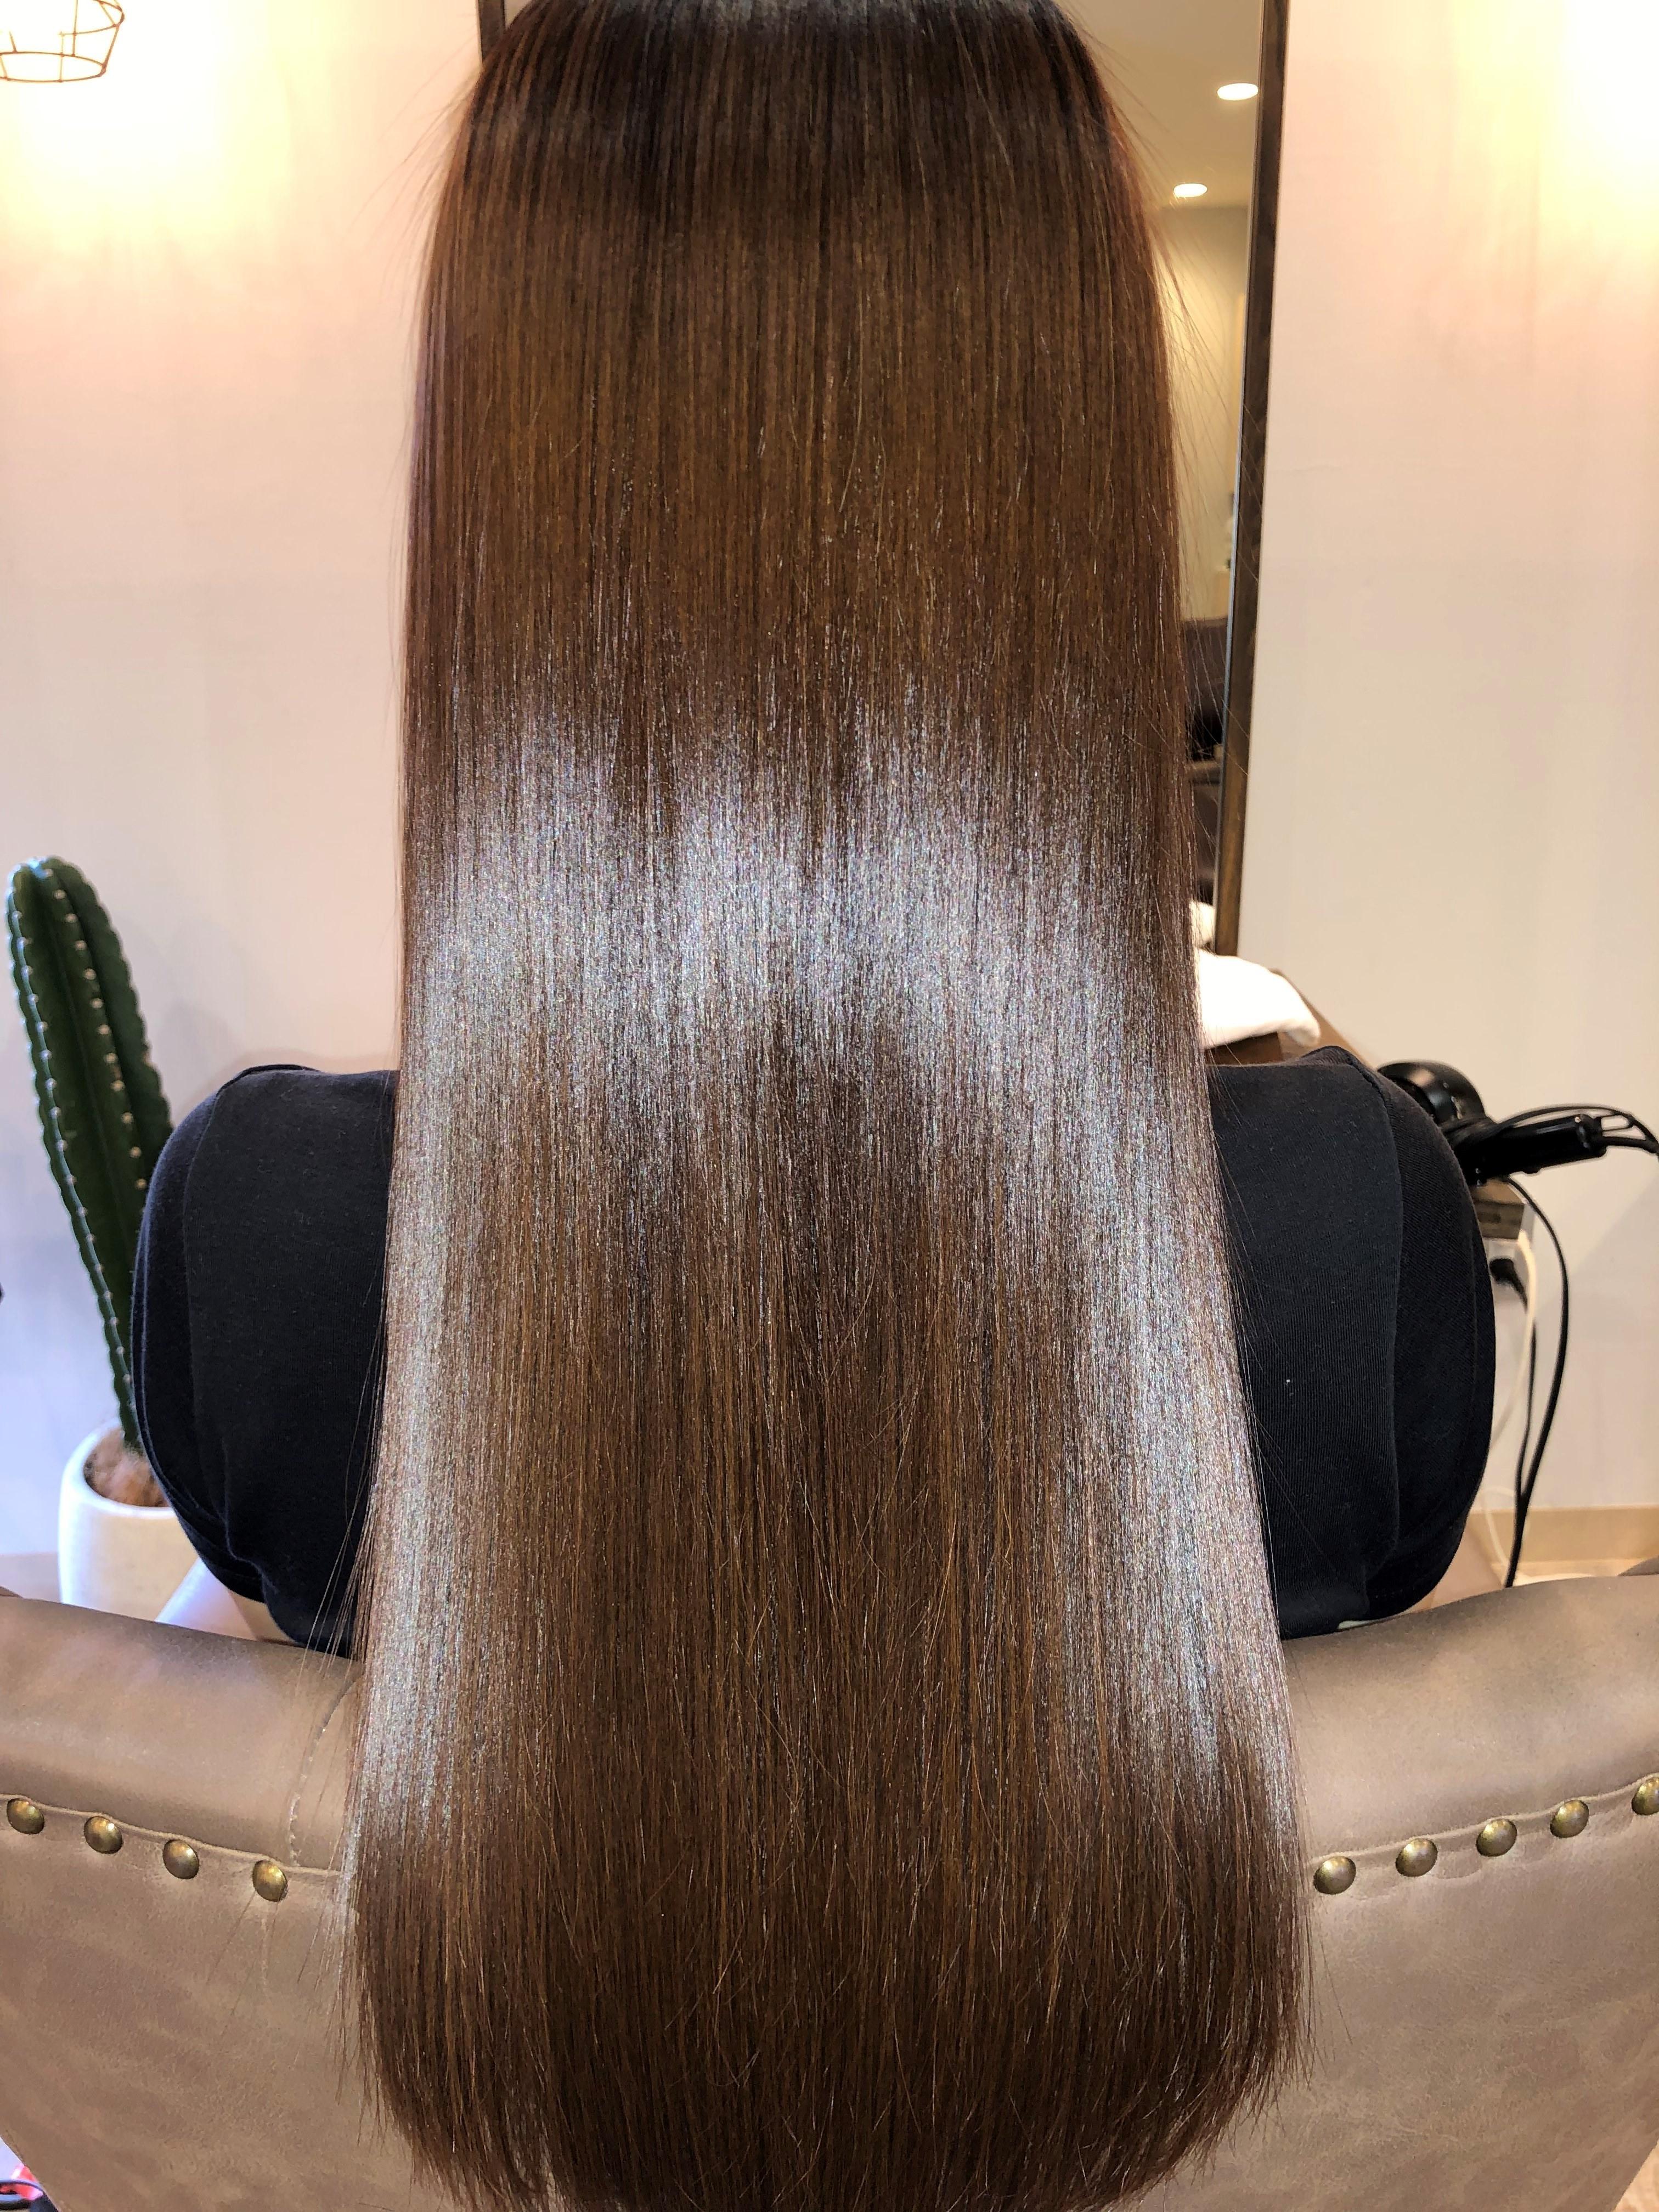 ミネコラの施術STEP1では頭皮のクレンジングで汚れや毛穴の詰まりを除去します。